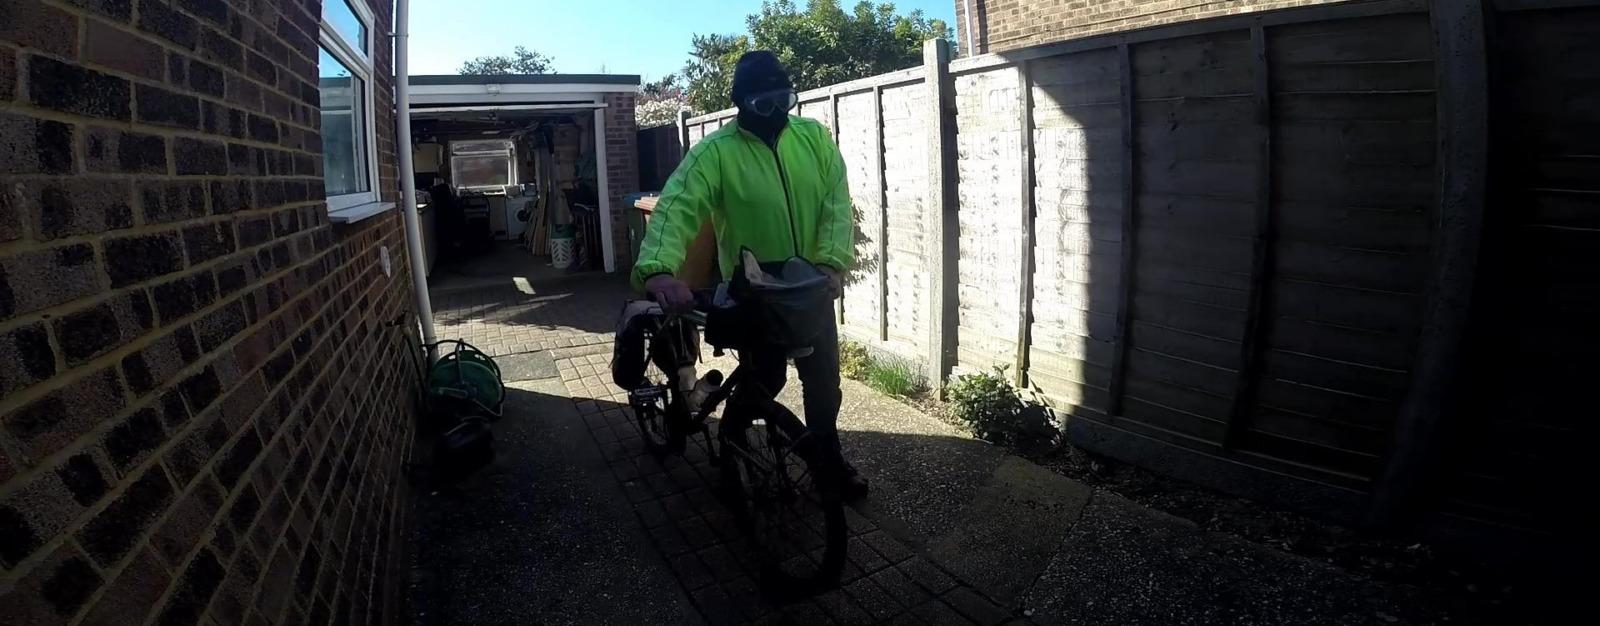 Man bike